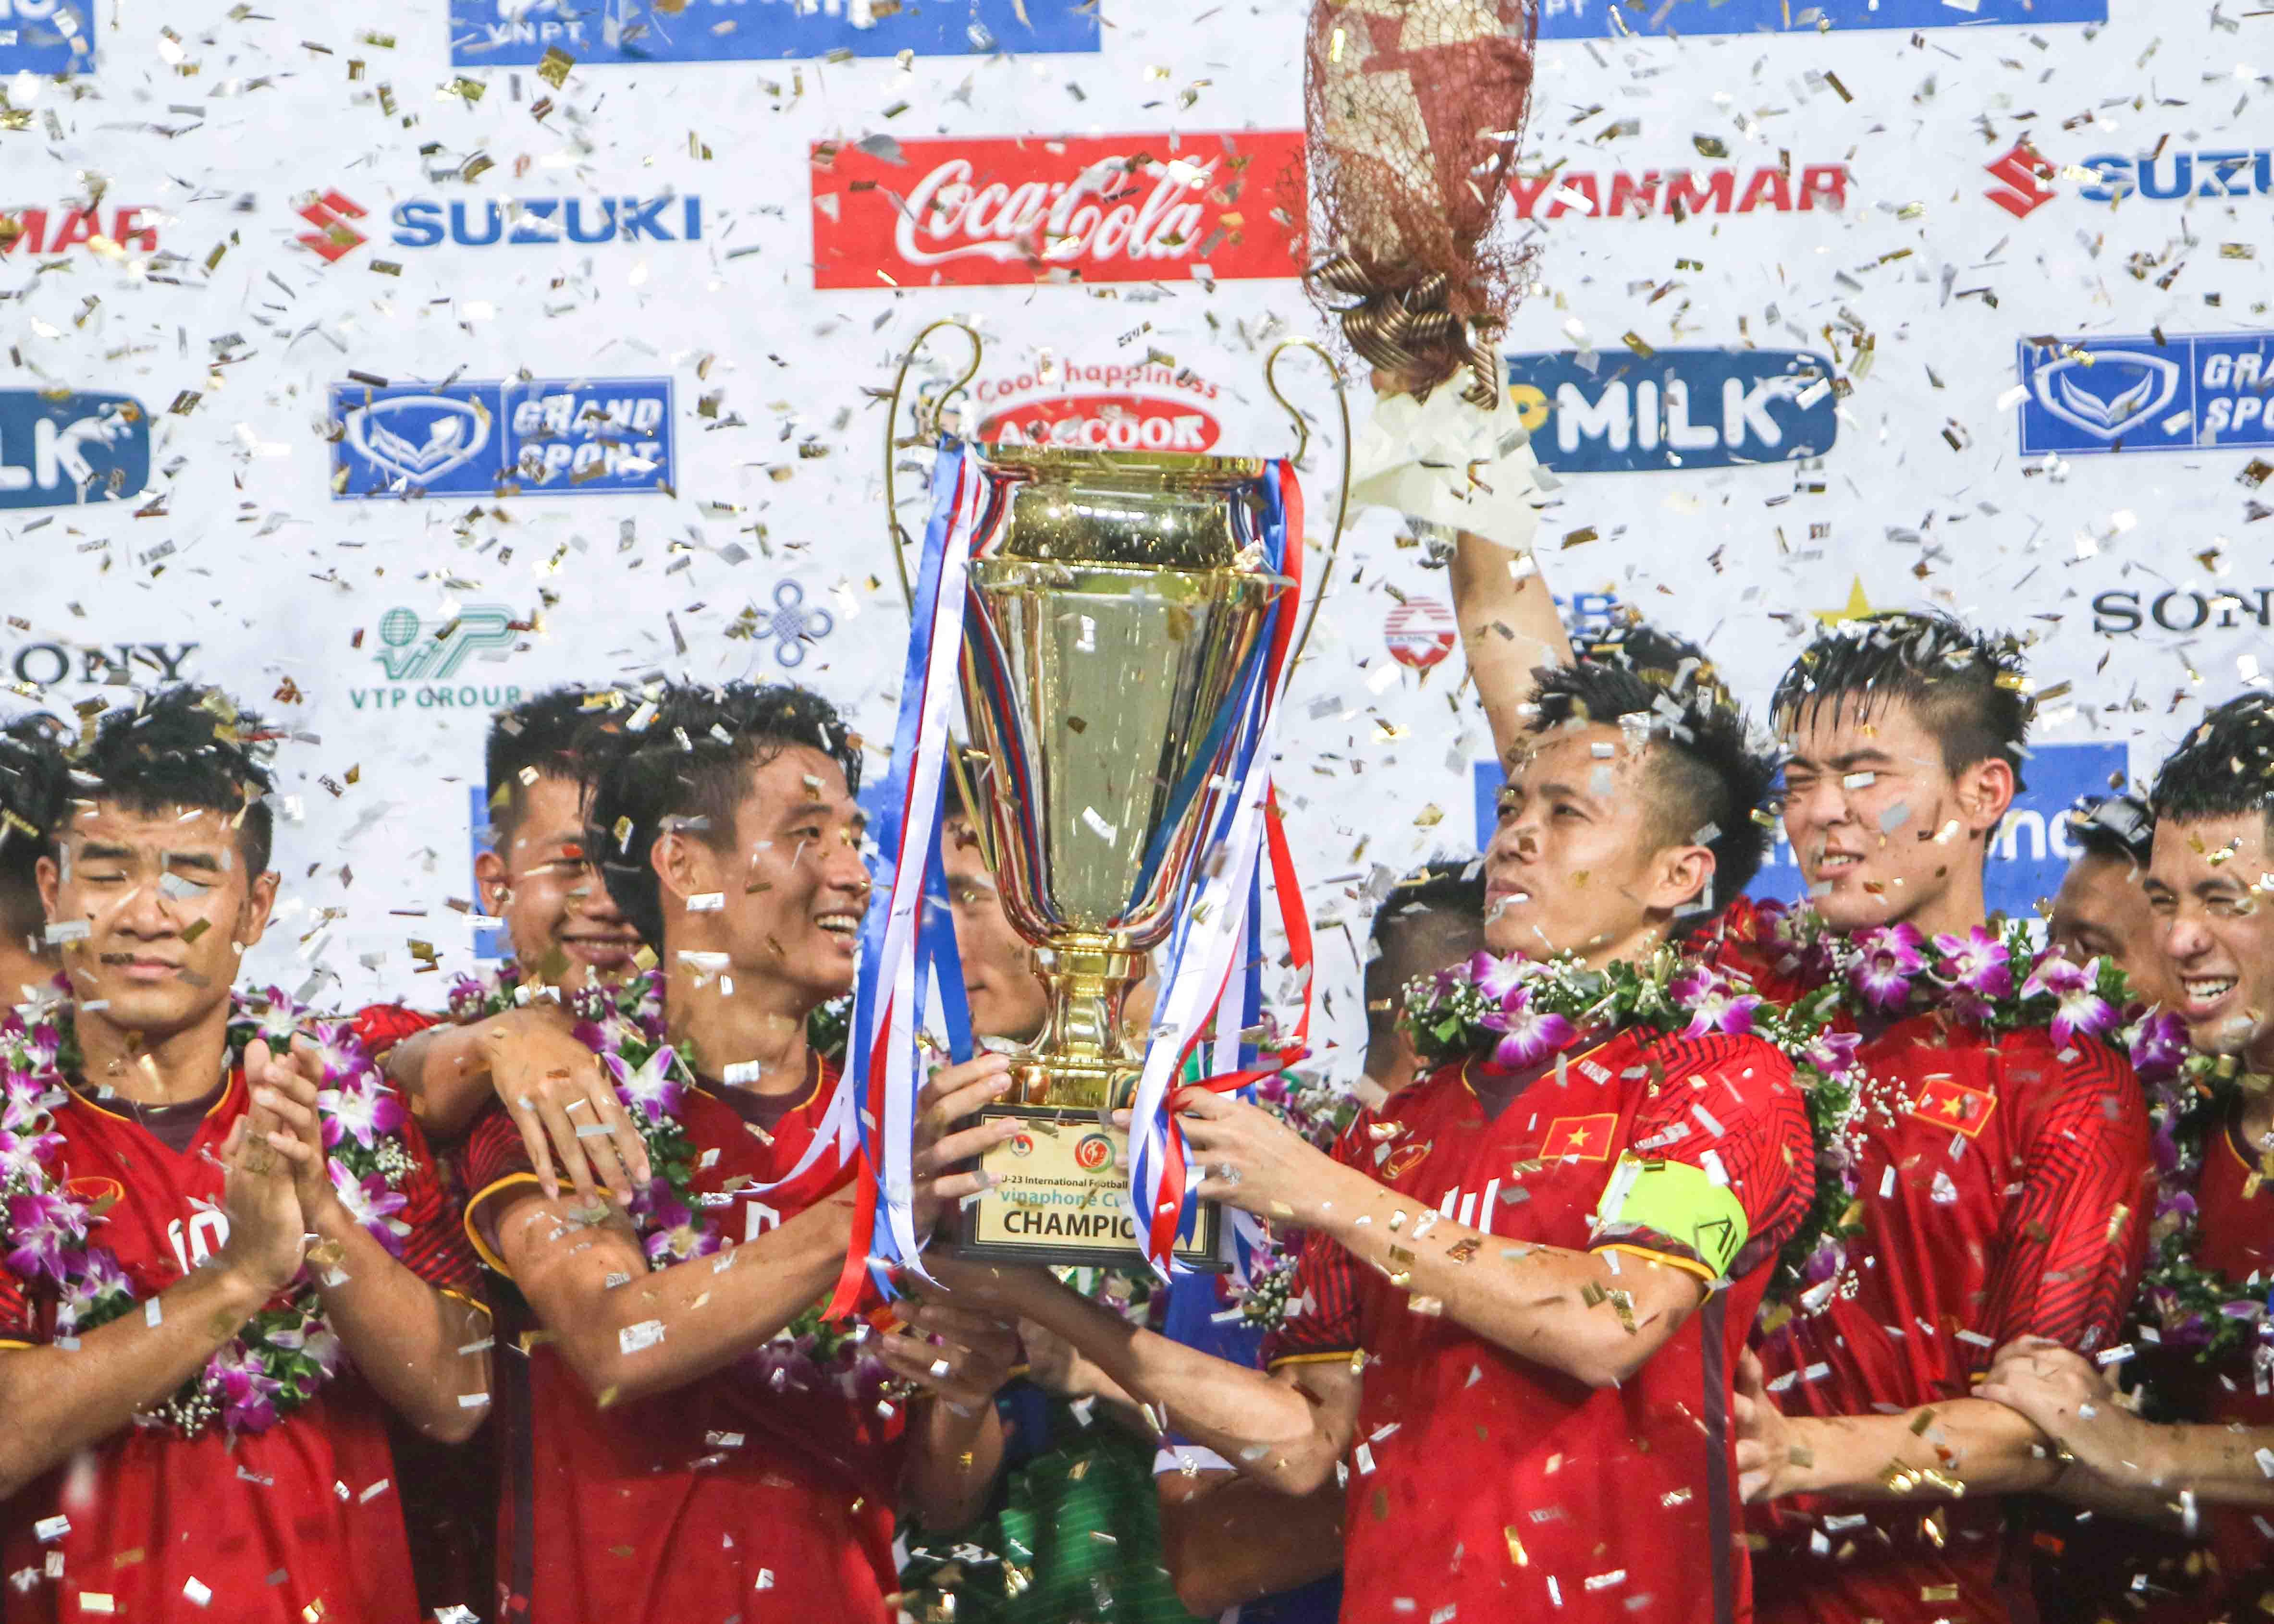 Cưa điểm với Uzbekistan, U23 Việt Nam vô địch giải tứ hùng với thành tích bất bại - Bóng Đá